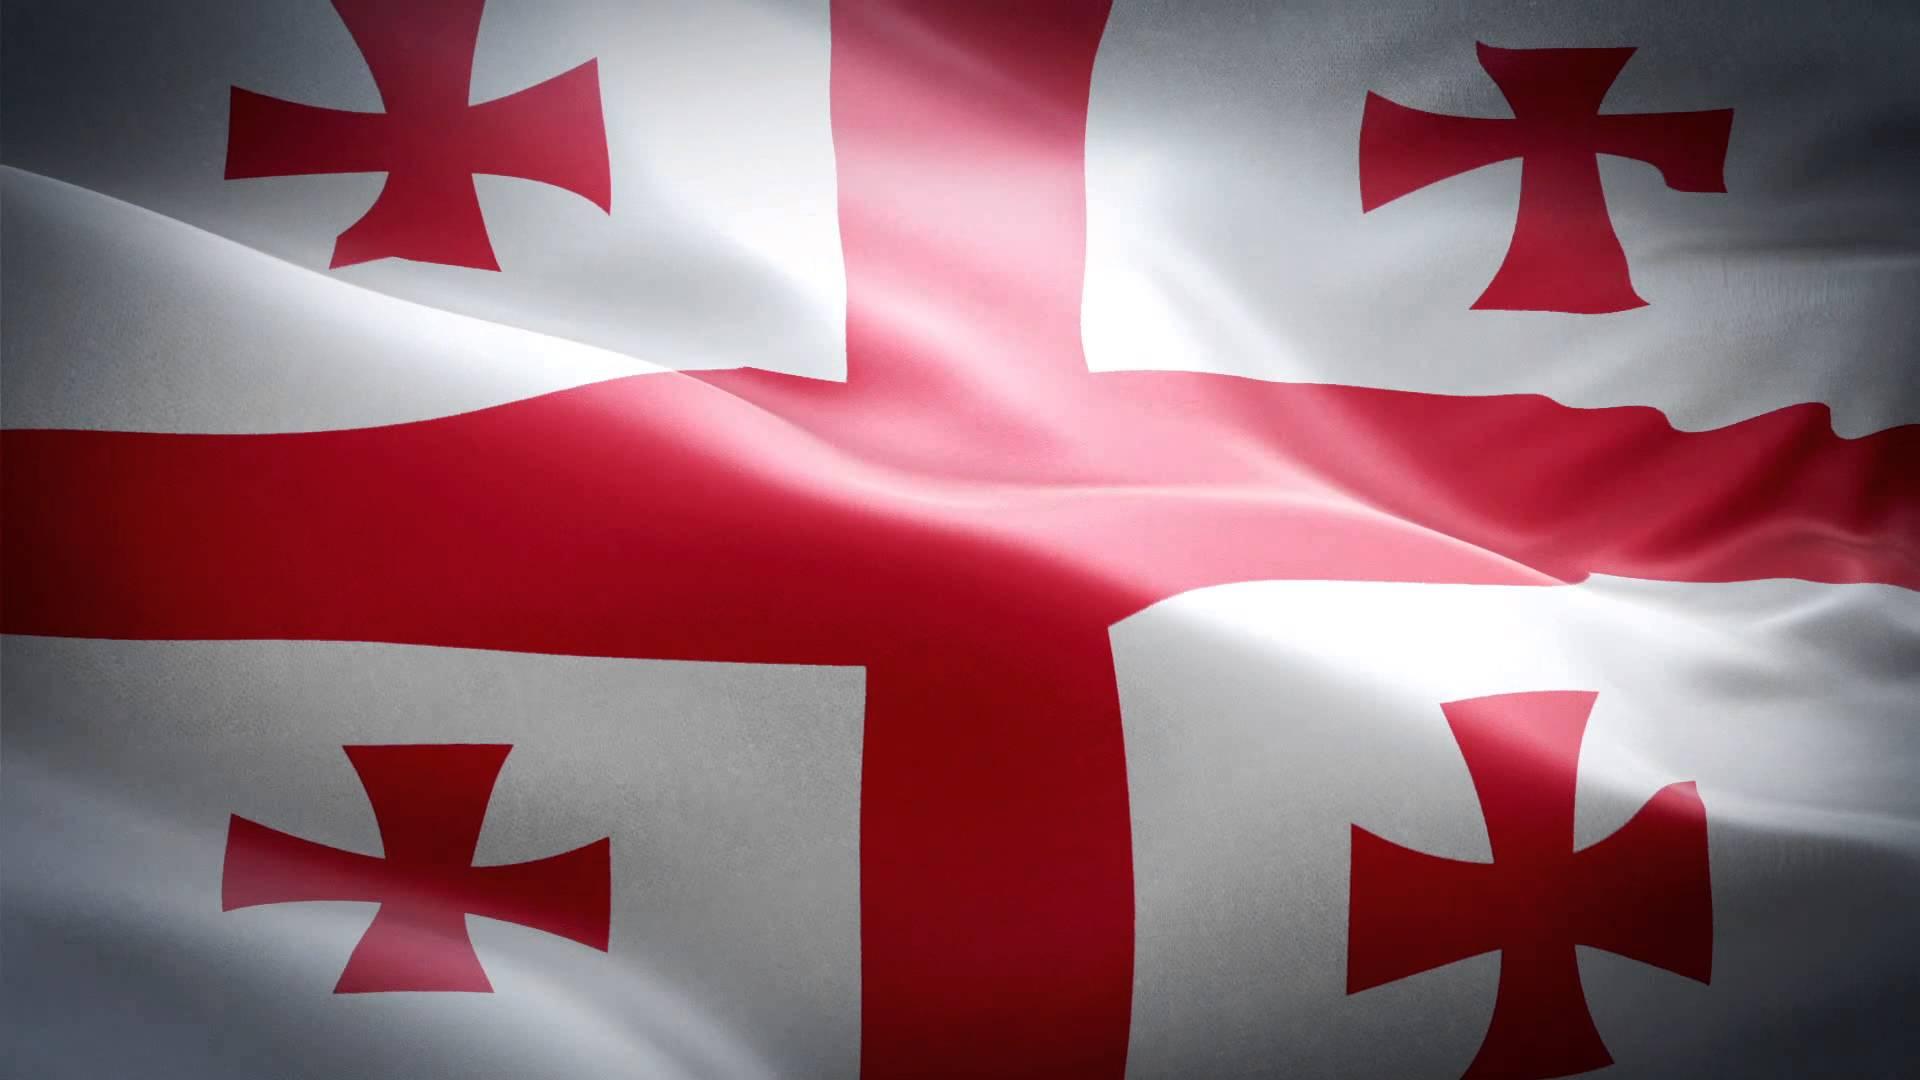 картинки грузинского флага пресечения виде